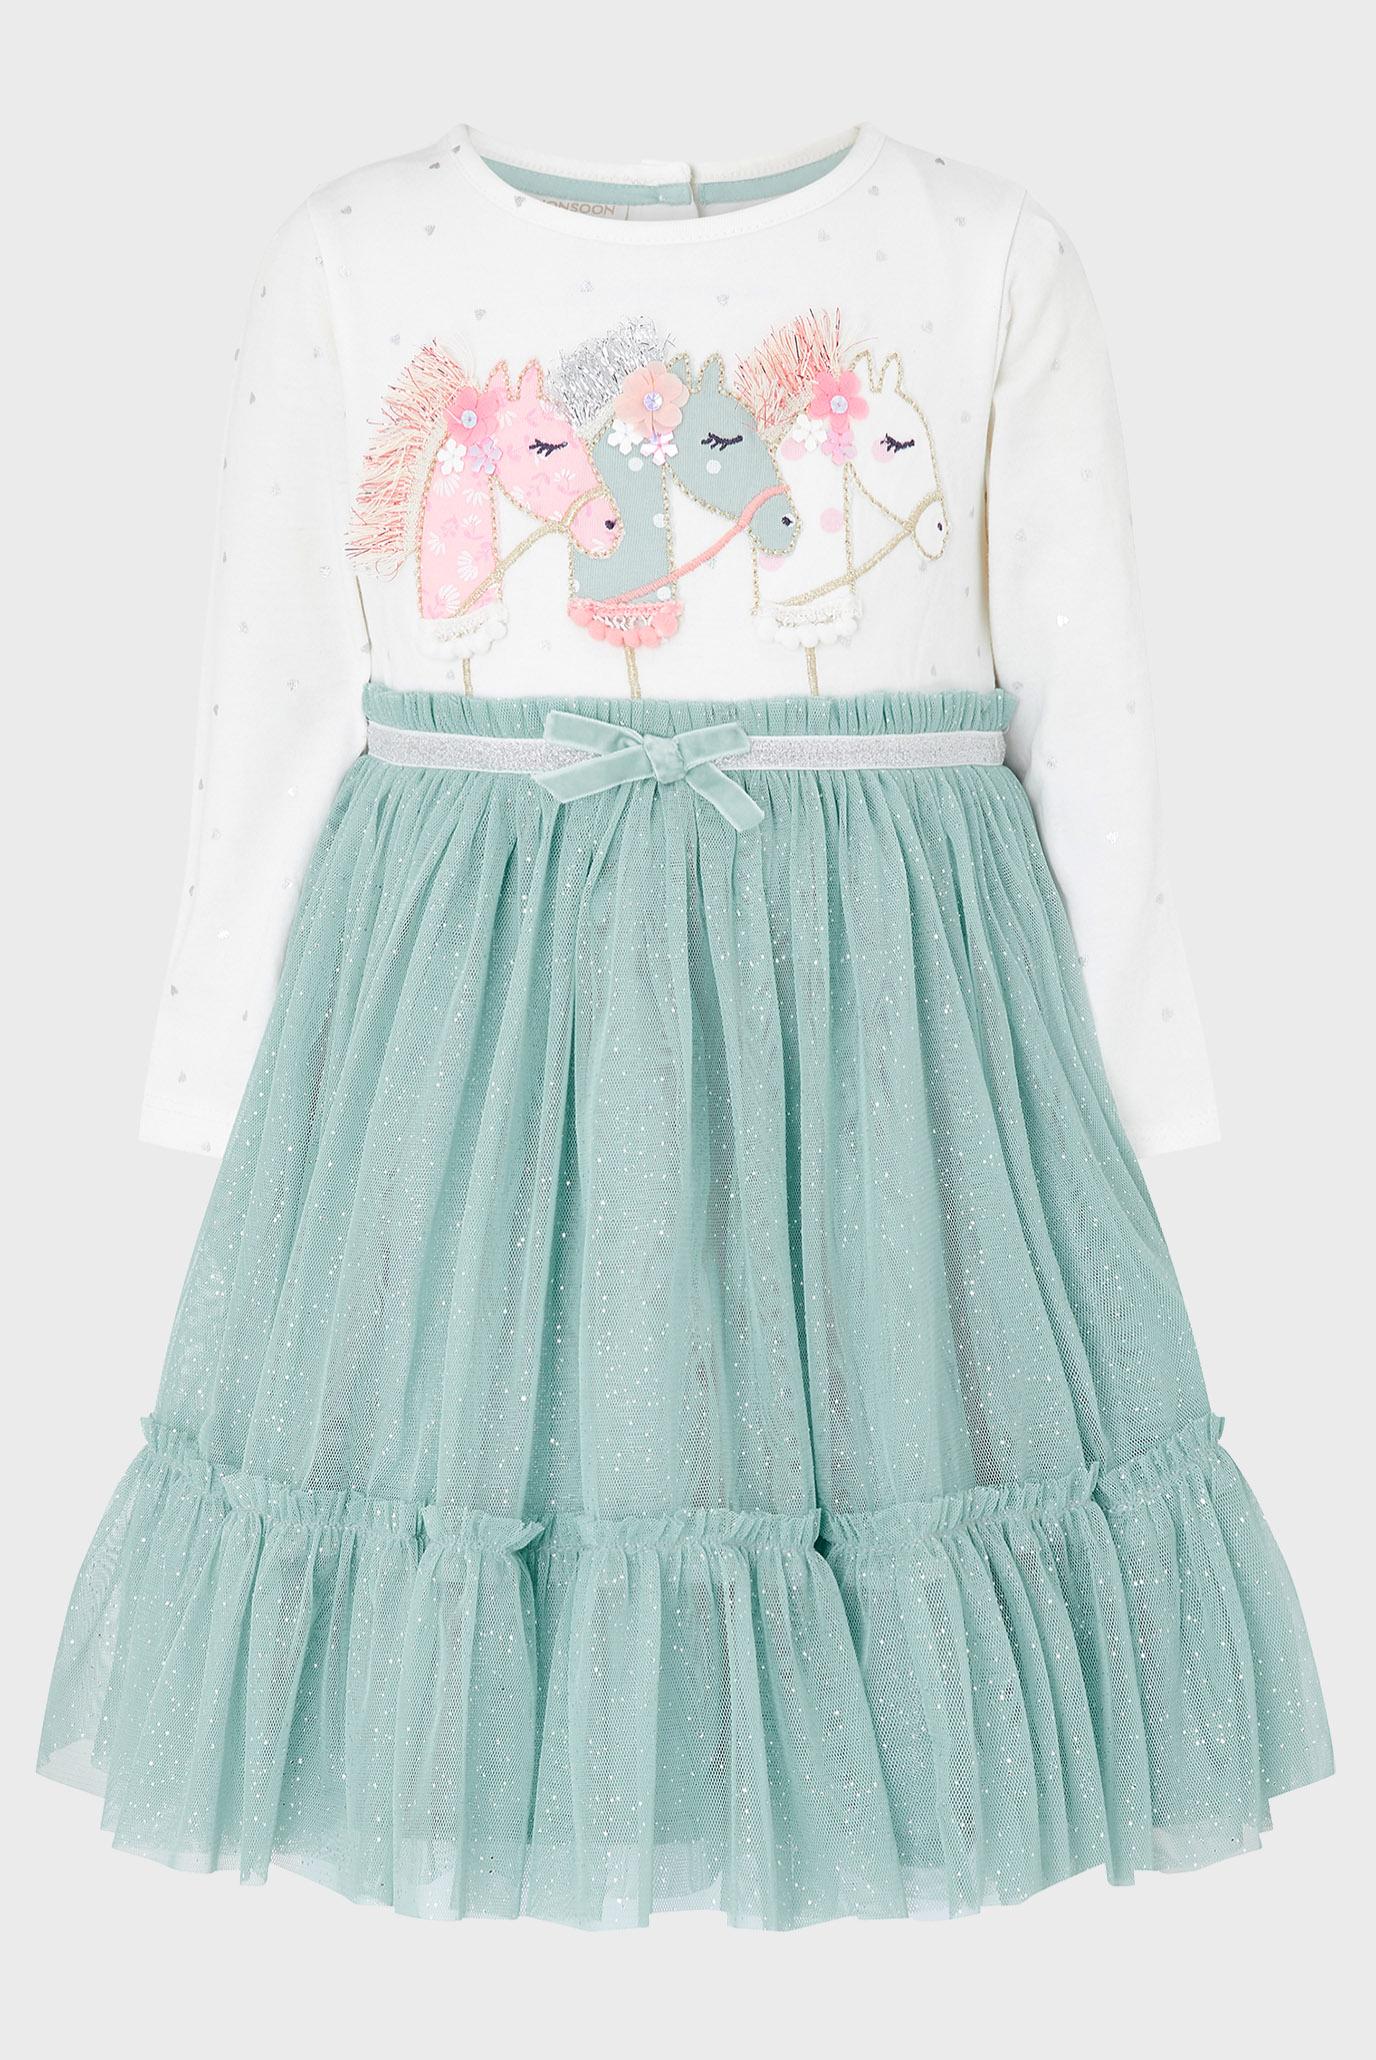 Дитяча сукня BABY UNICORN DISCO 1